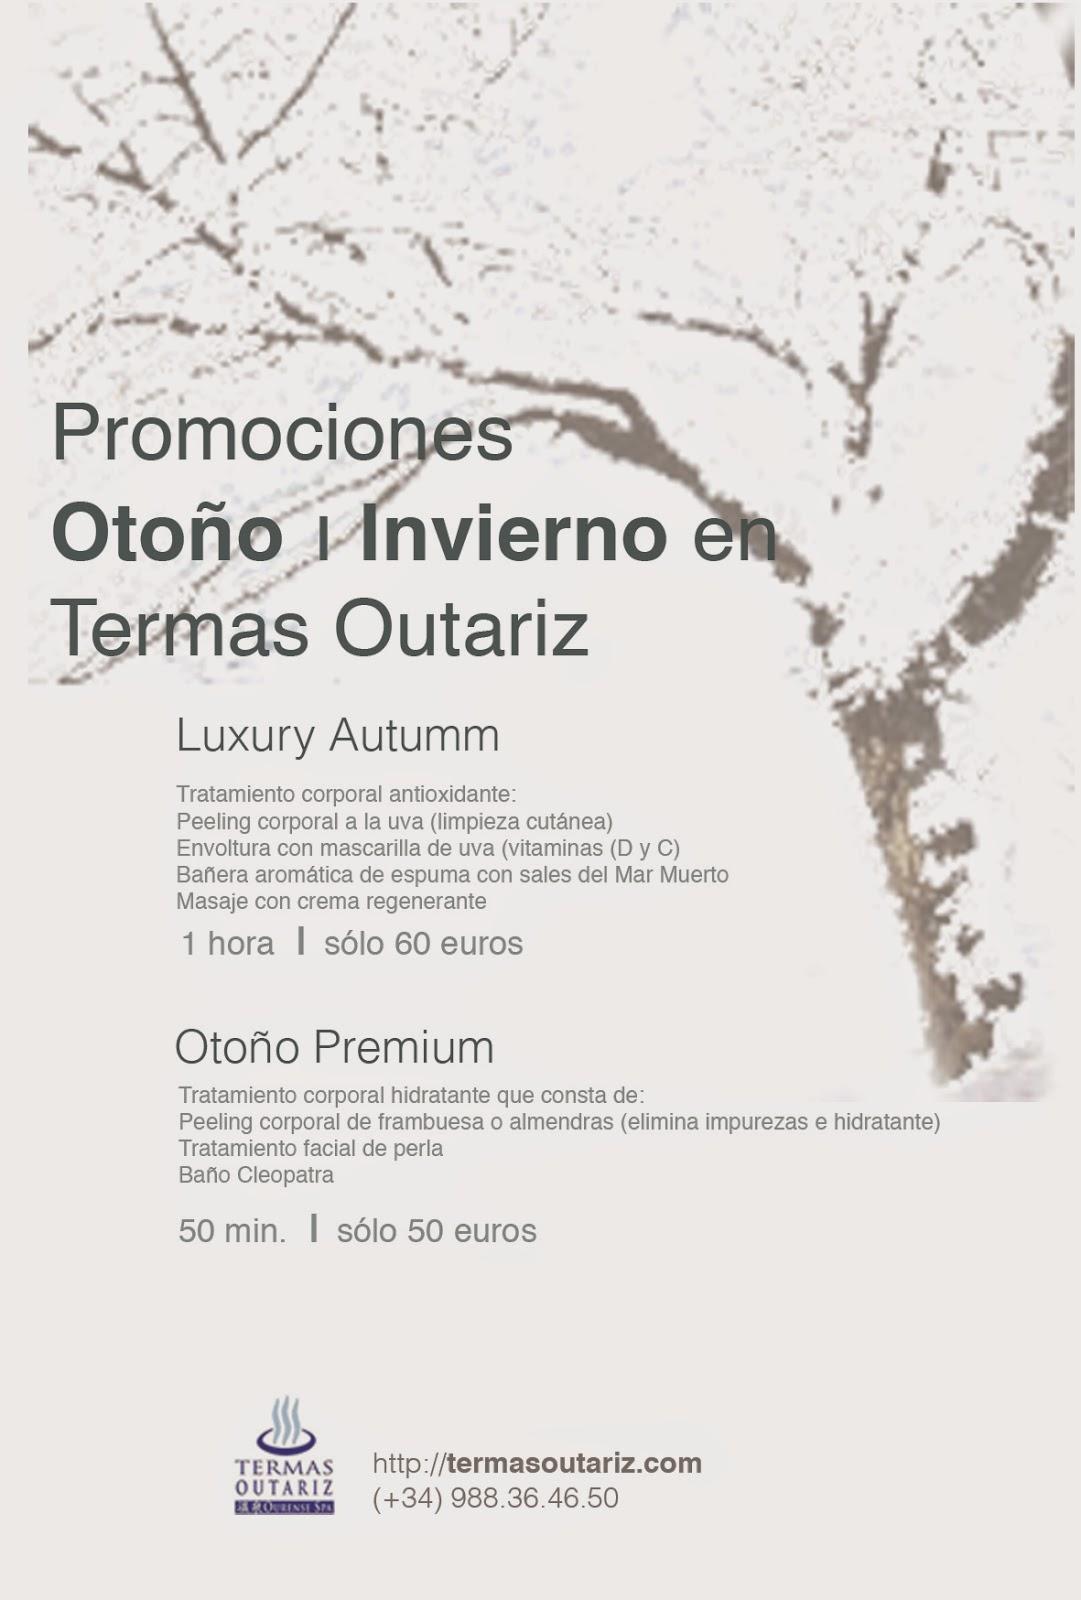 Promociones tratamientos otoño-invierno Termas Outariz, Ourense